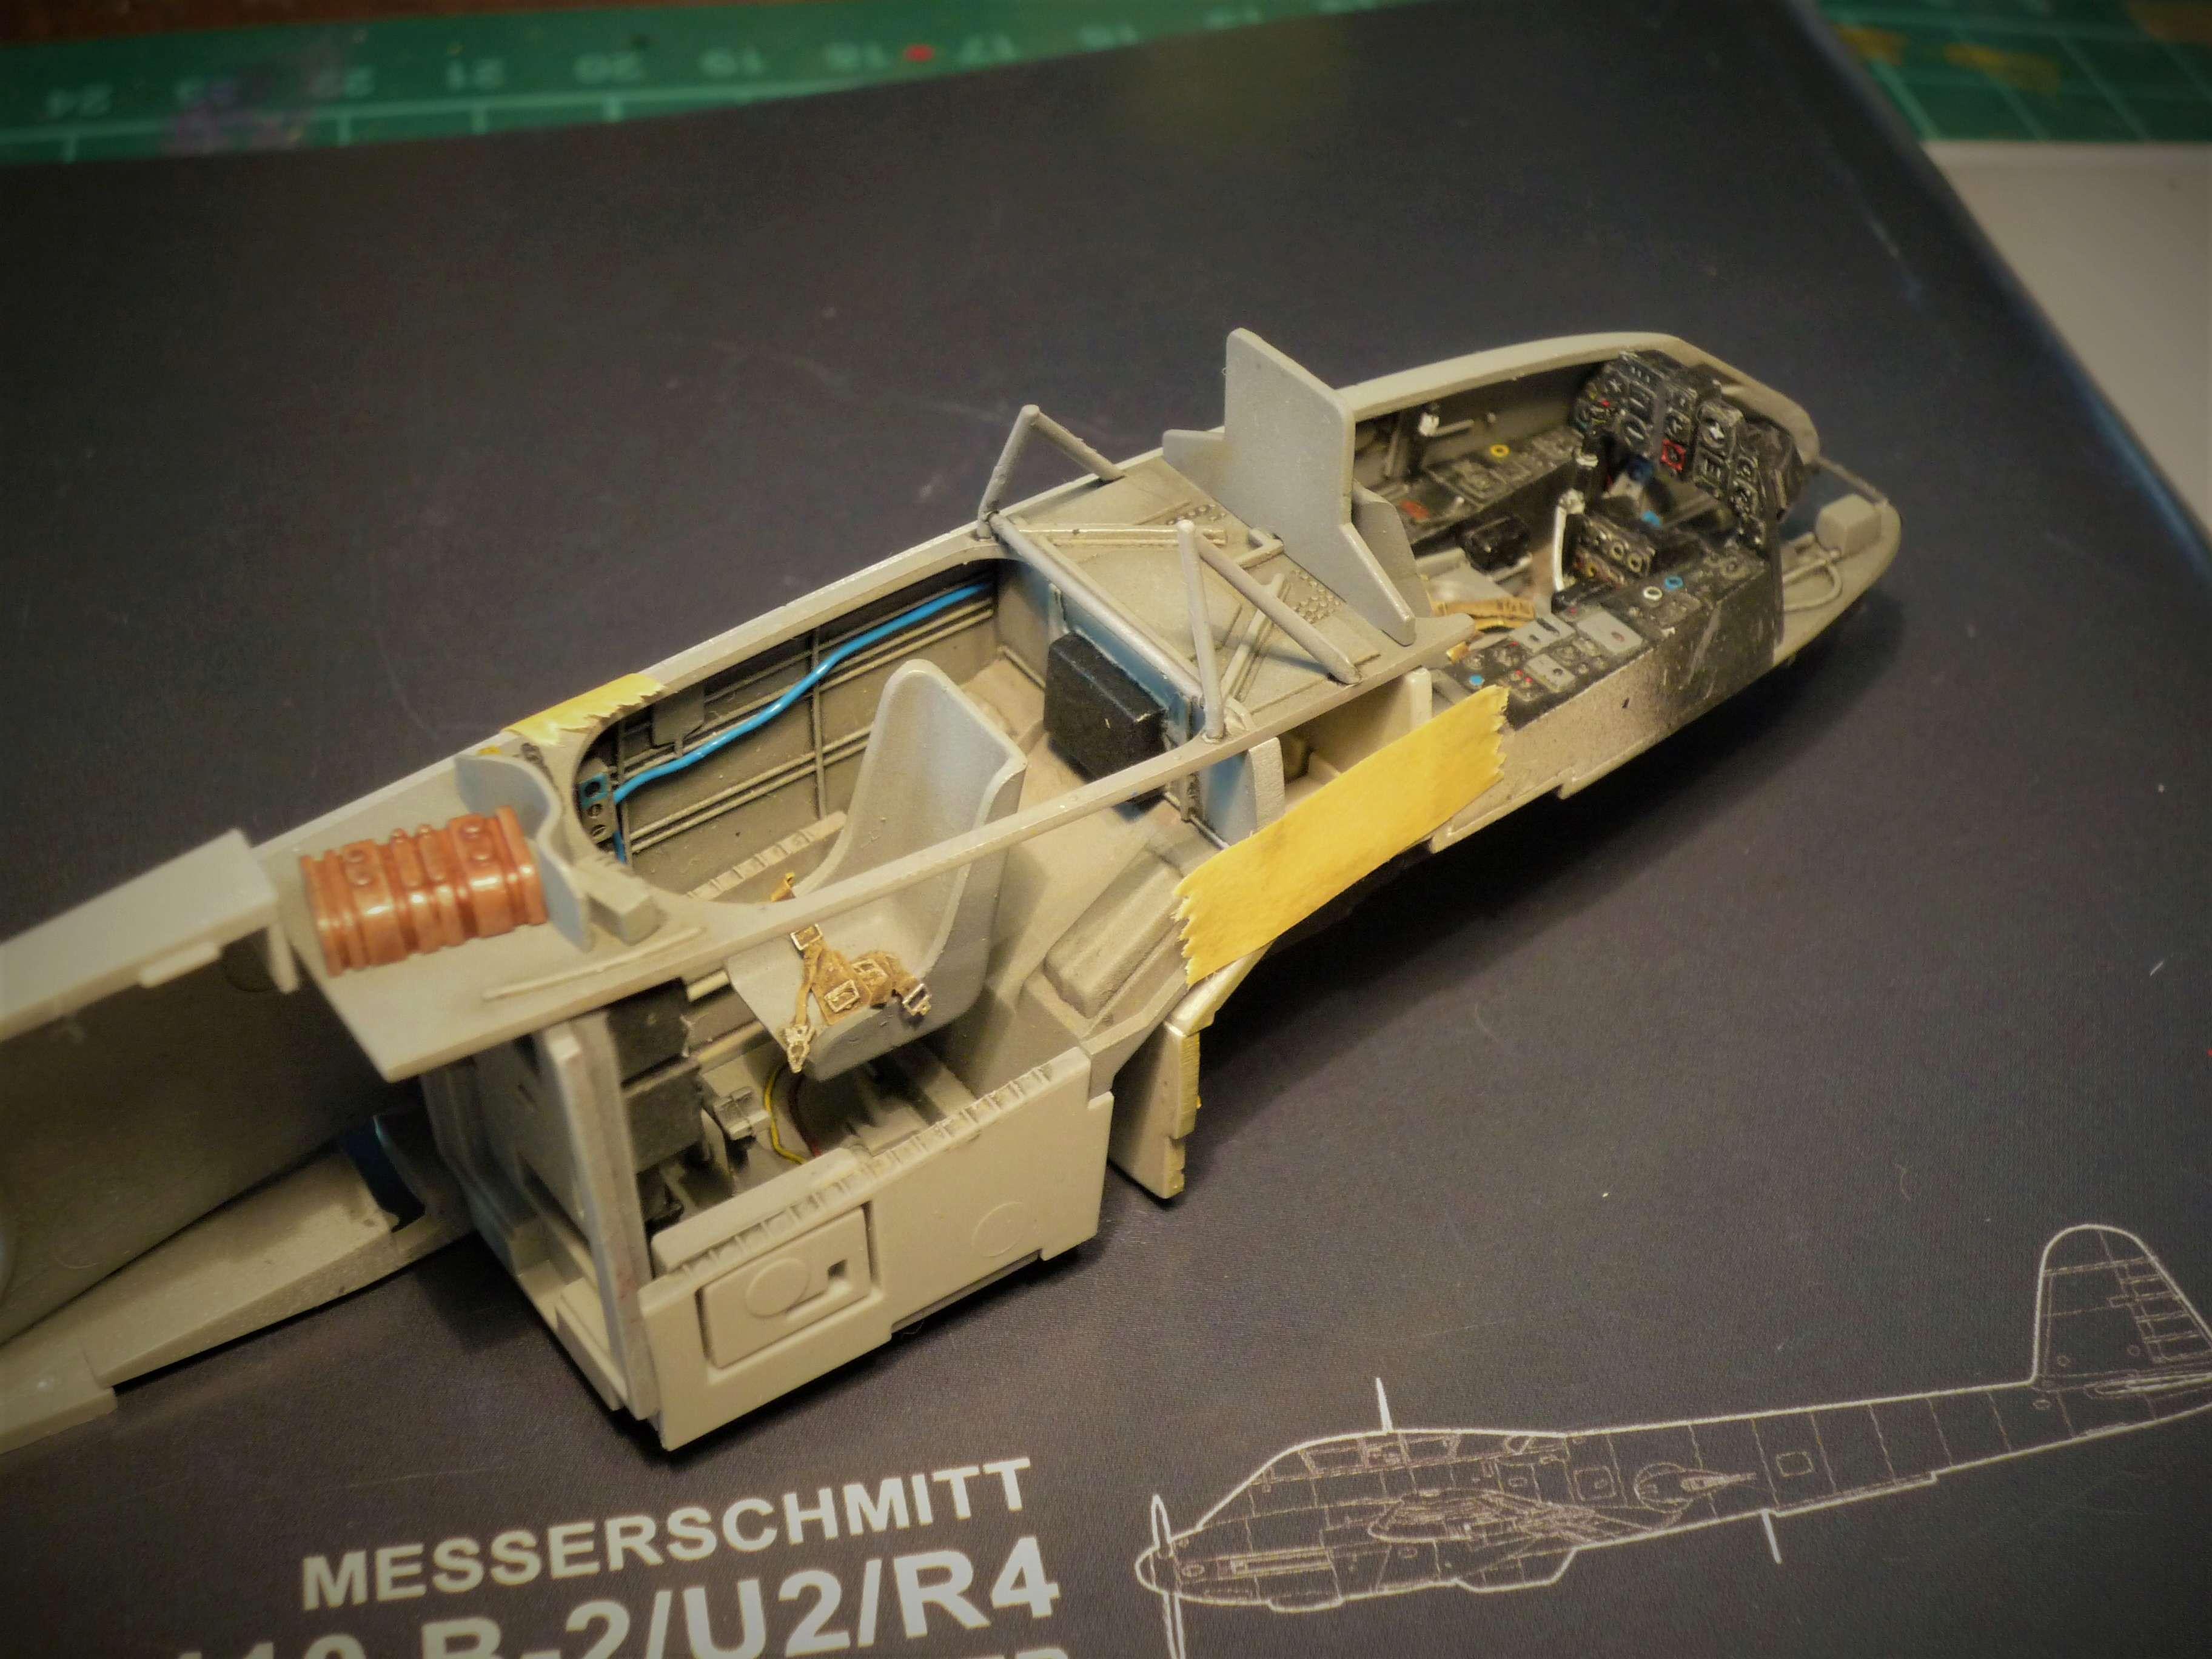 """Messerschmitt Me410B-2/U2/R4 """"Hornisse"""" (MENG 1/48) - Page 7 P1100927"""